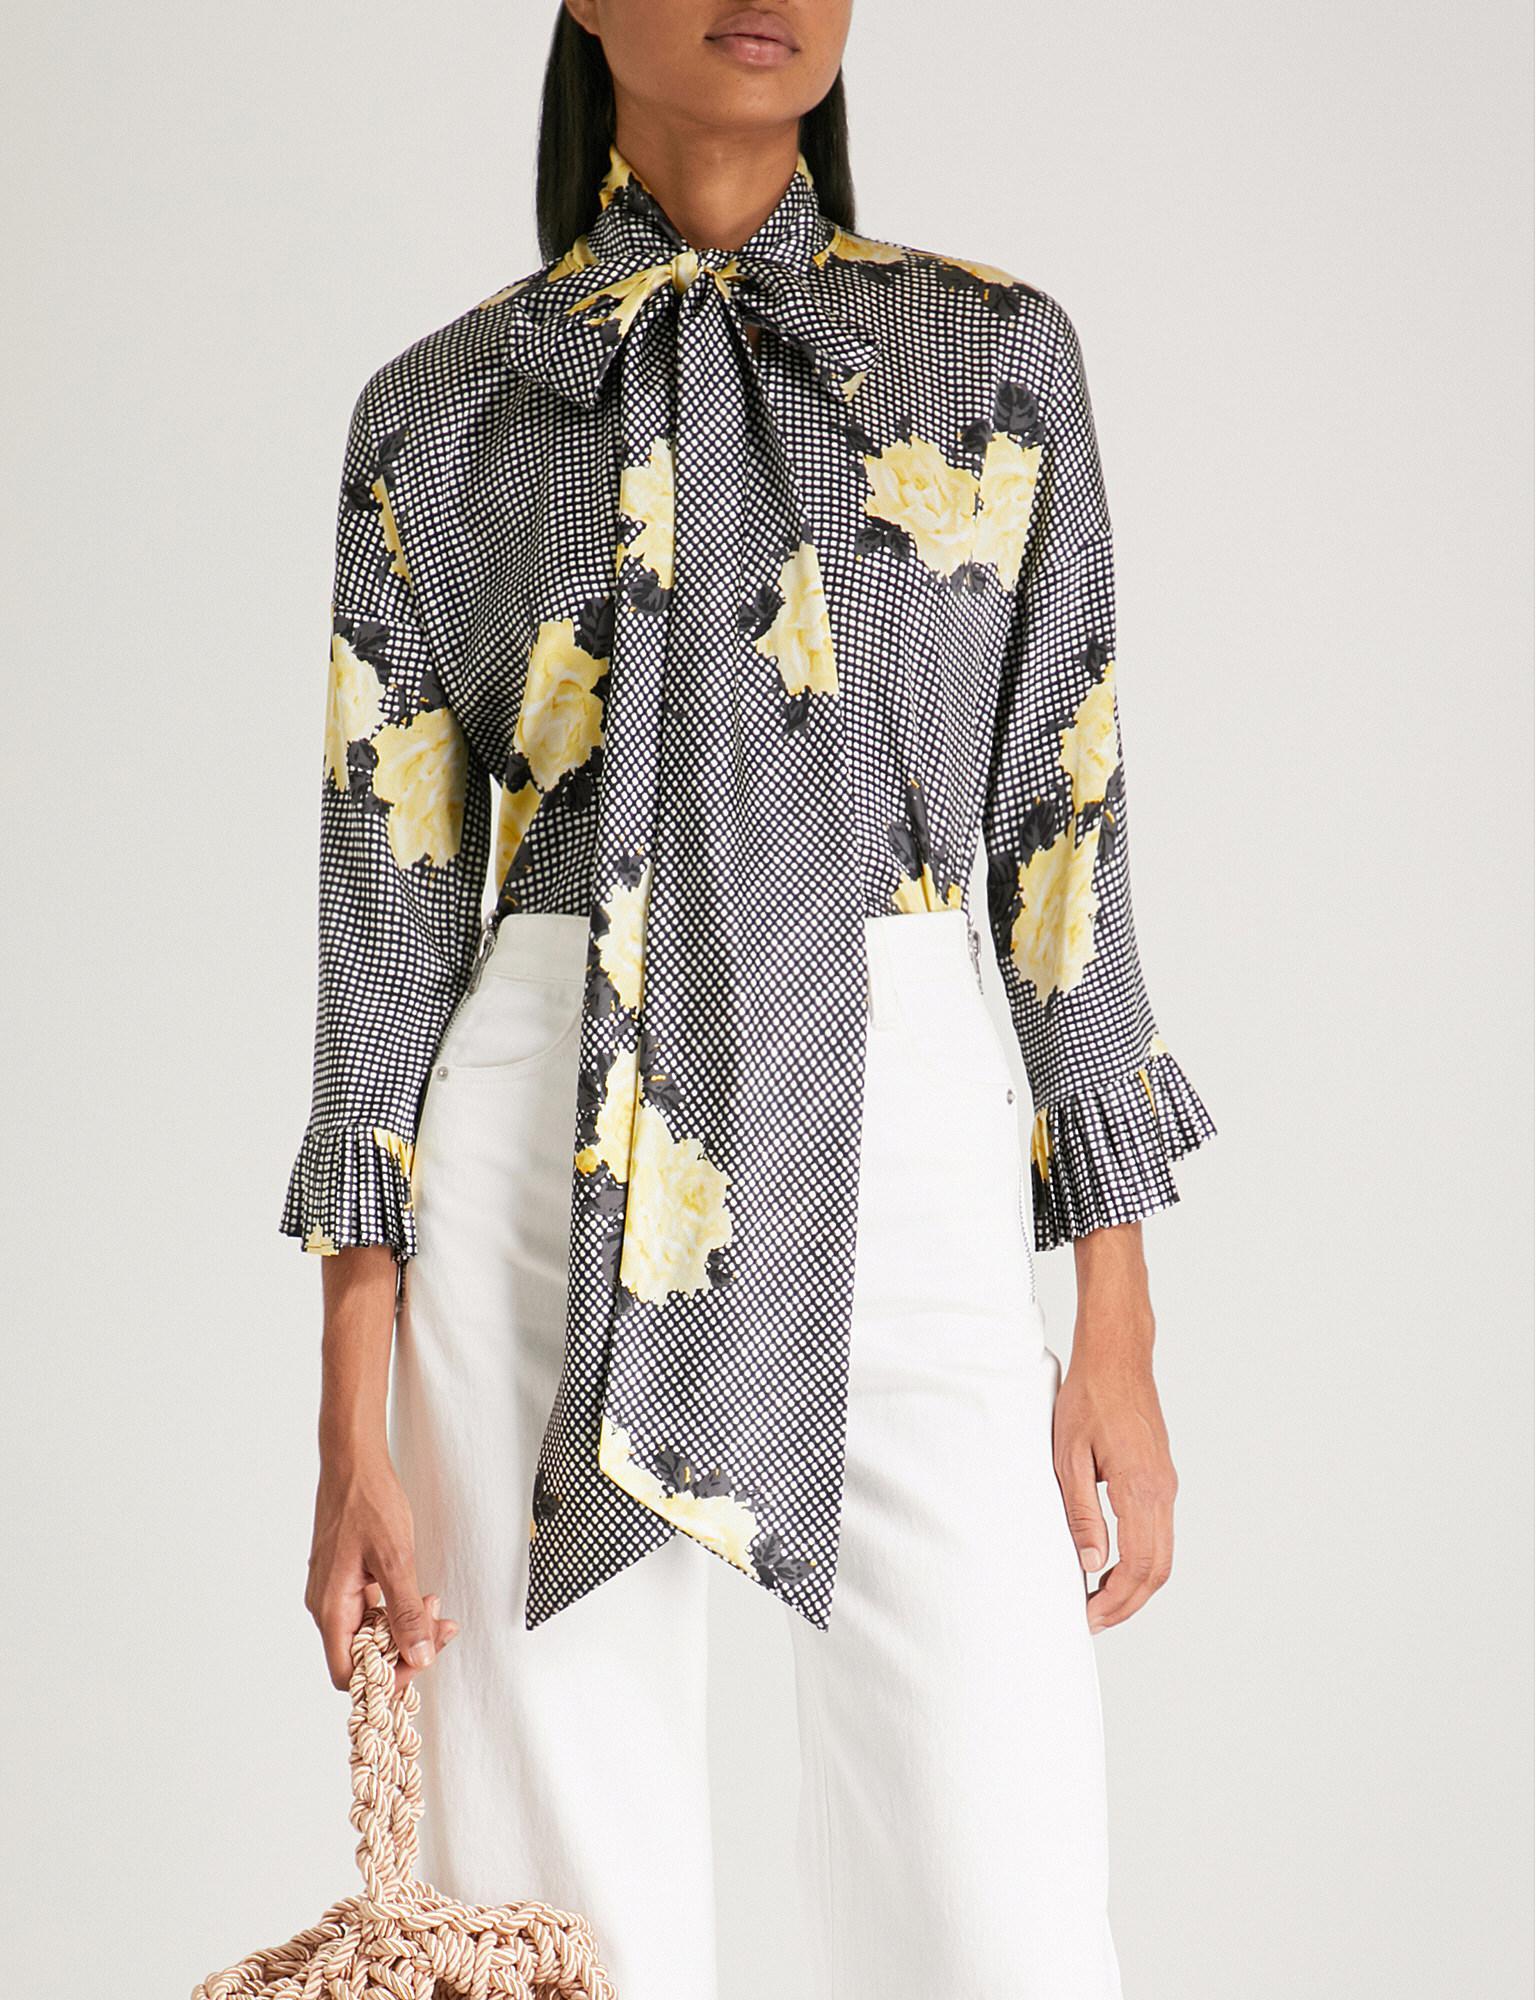 Calla blouse - Black Ganni Buy Cheap Low Shipping Fee fzAid